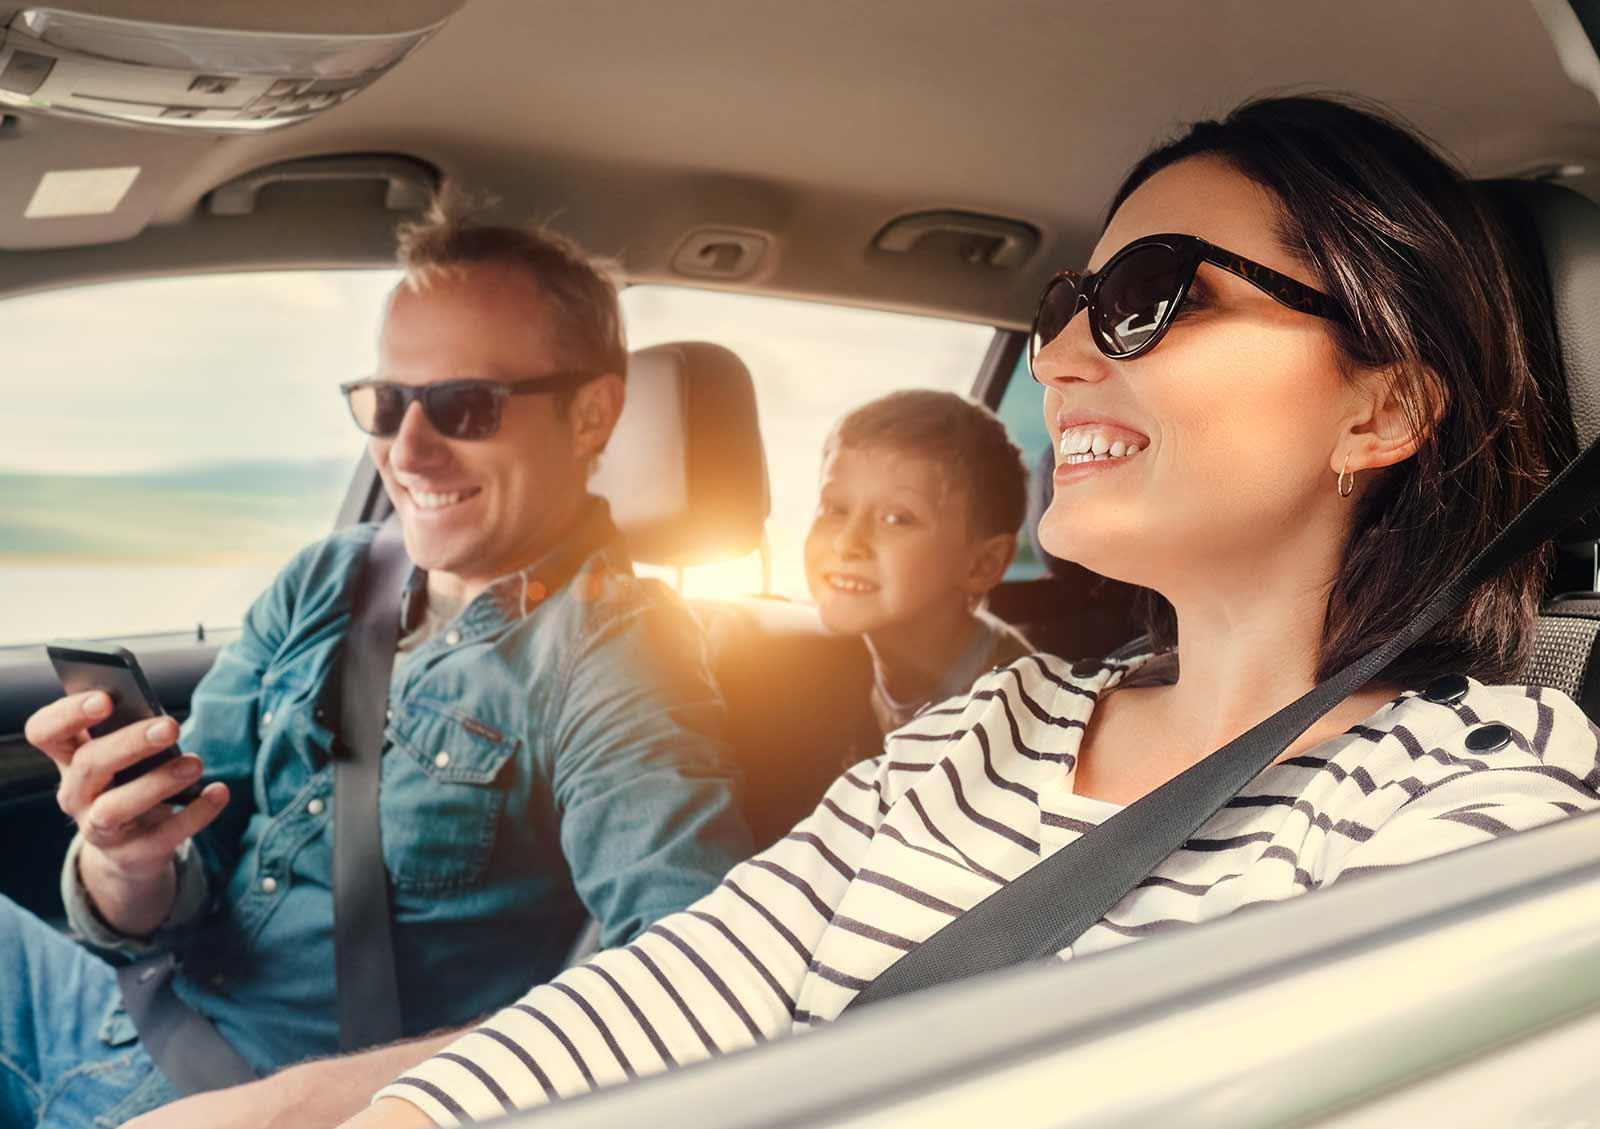 Familia feliz conduciendo en el coche durante la puesta de sol